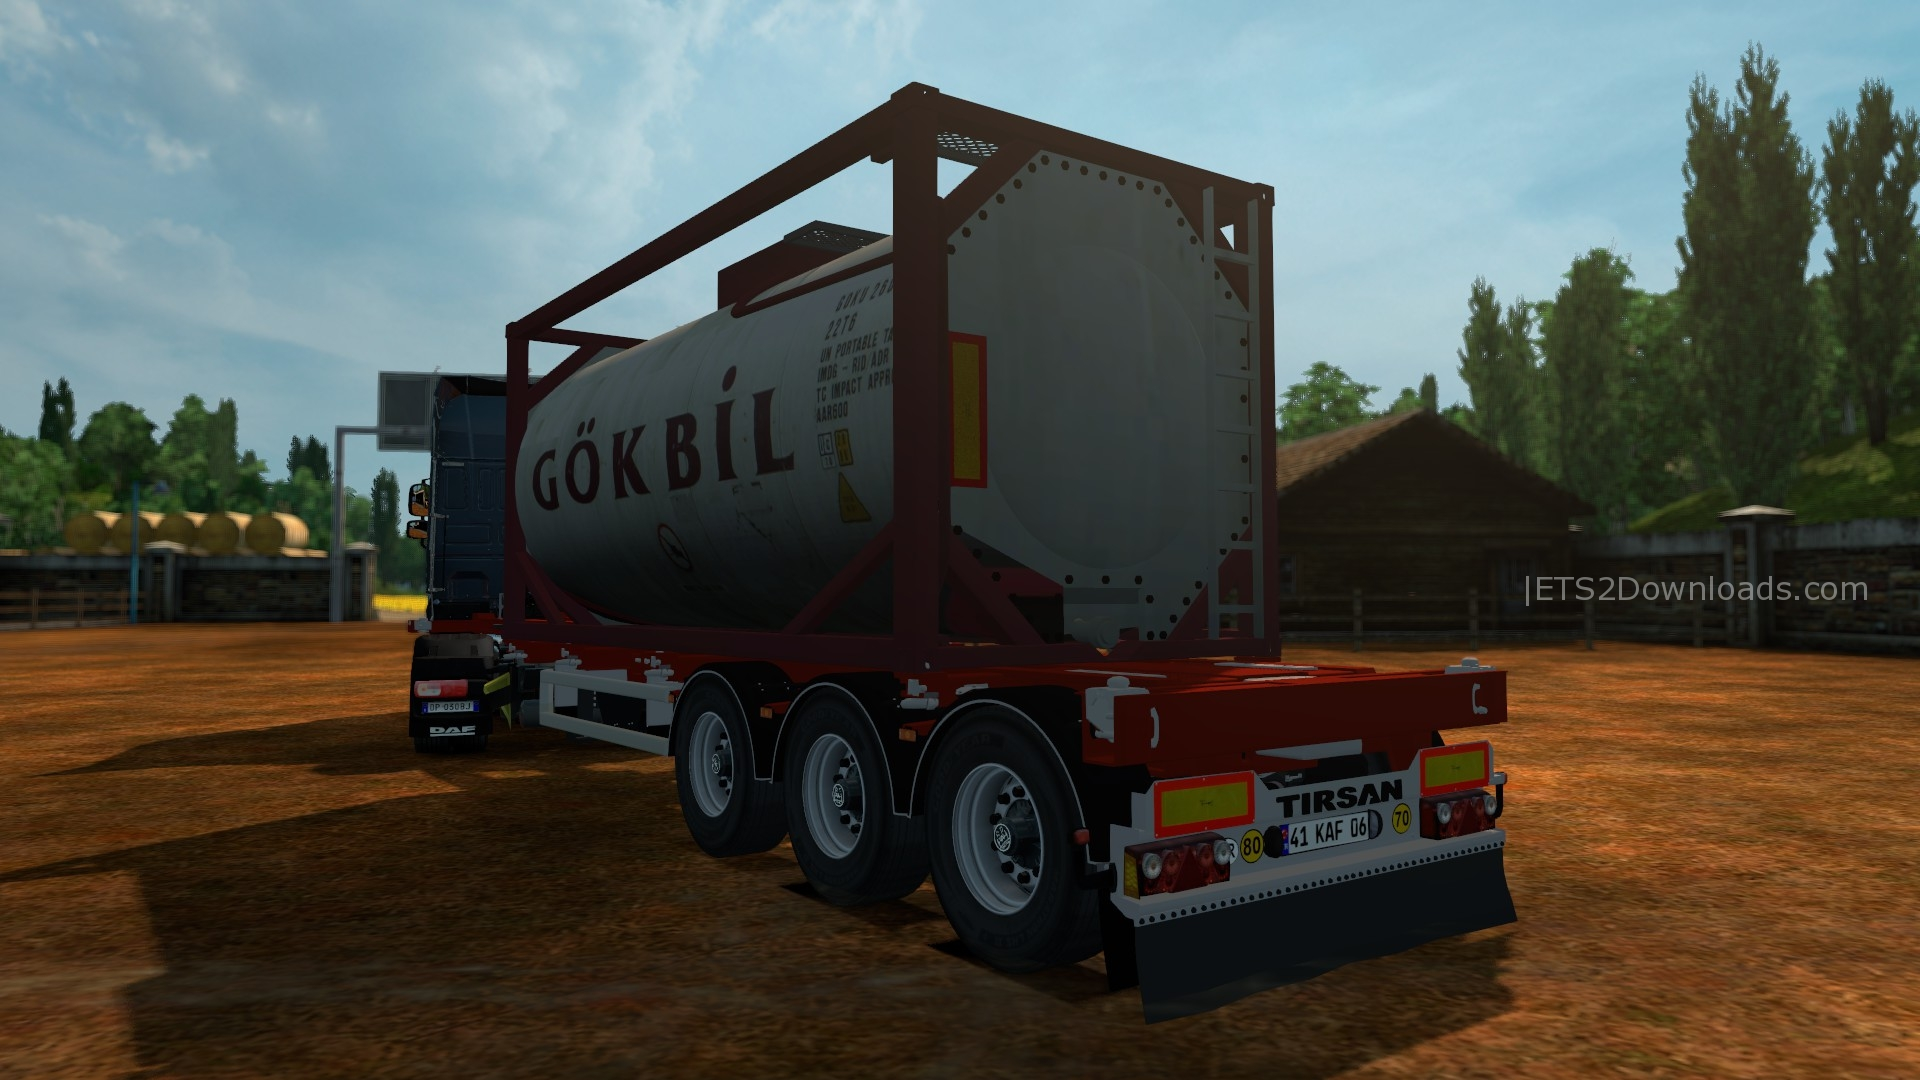 gokbil-trailer-1